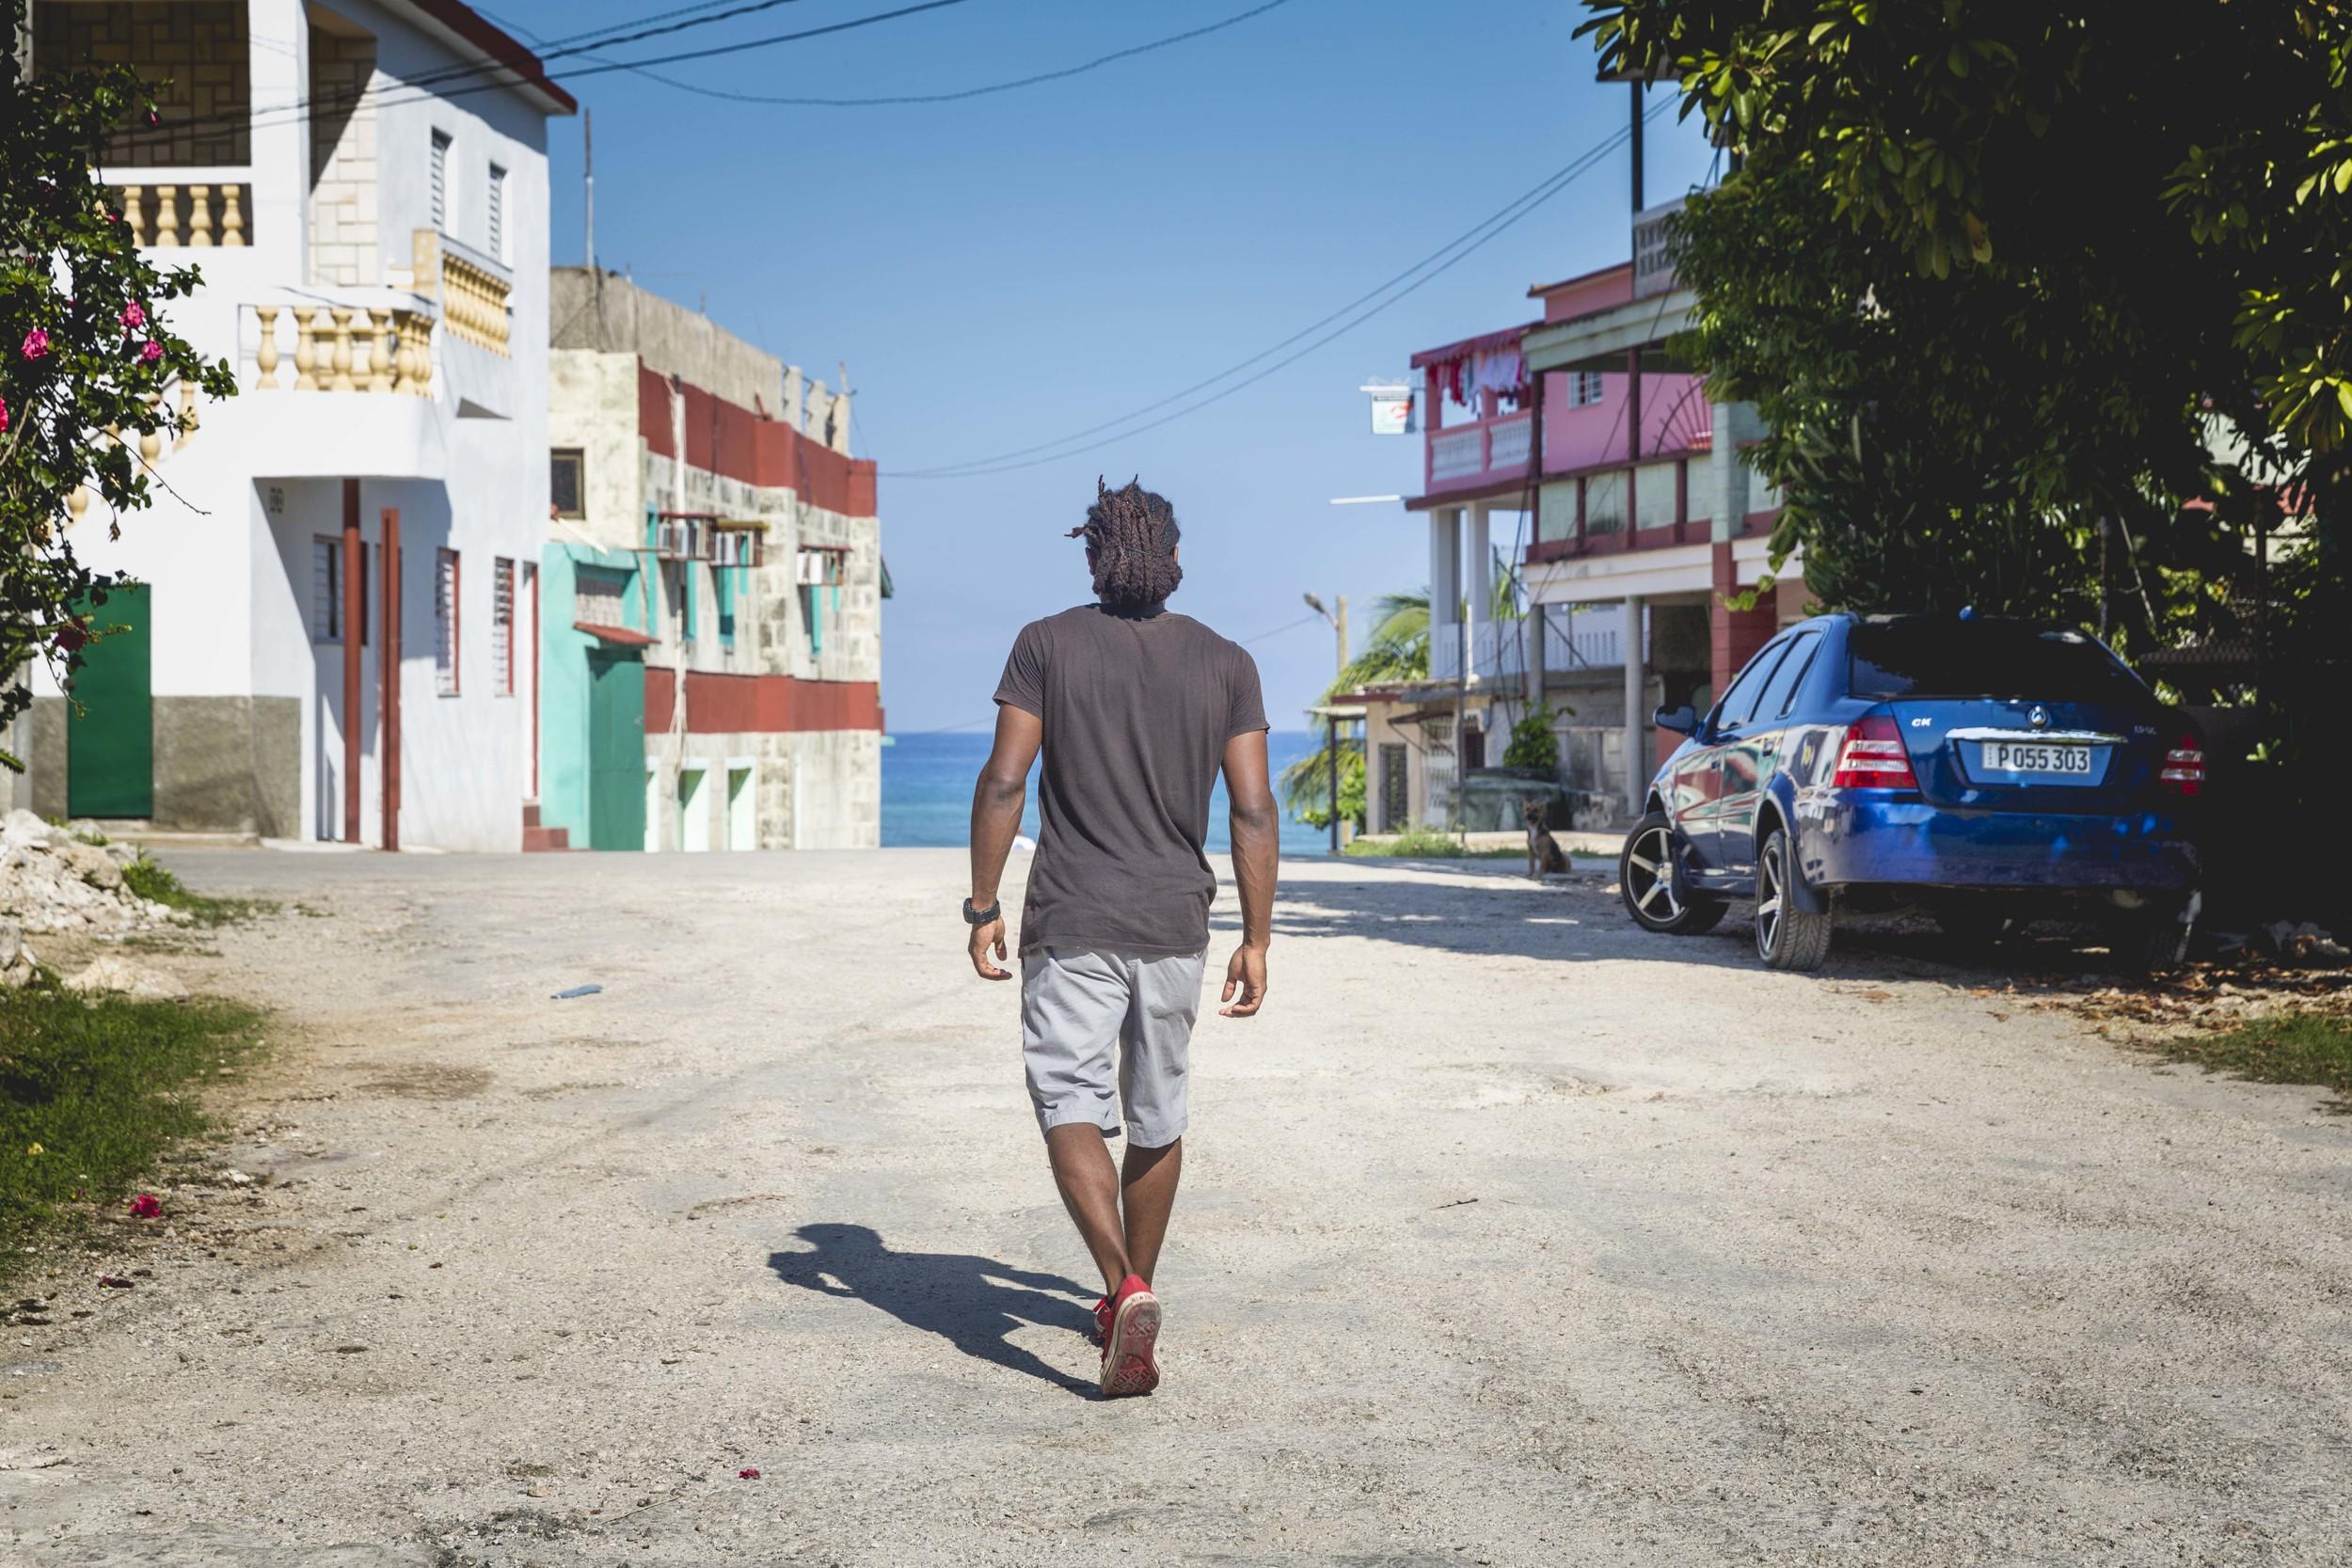 20151110_Cuba-8463.jpg